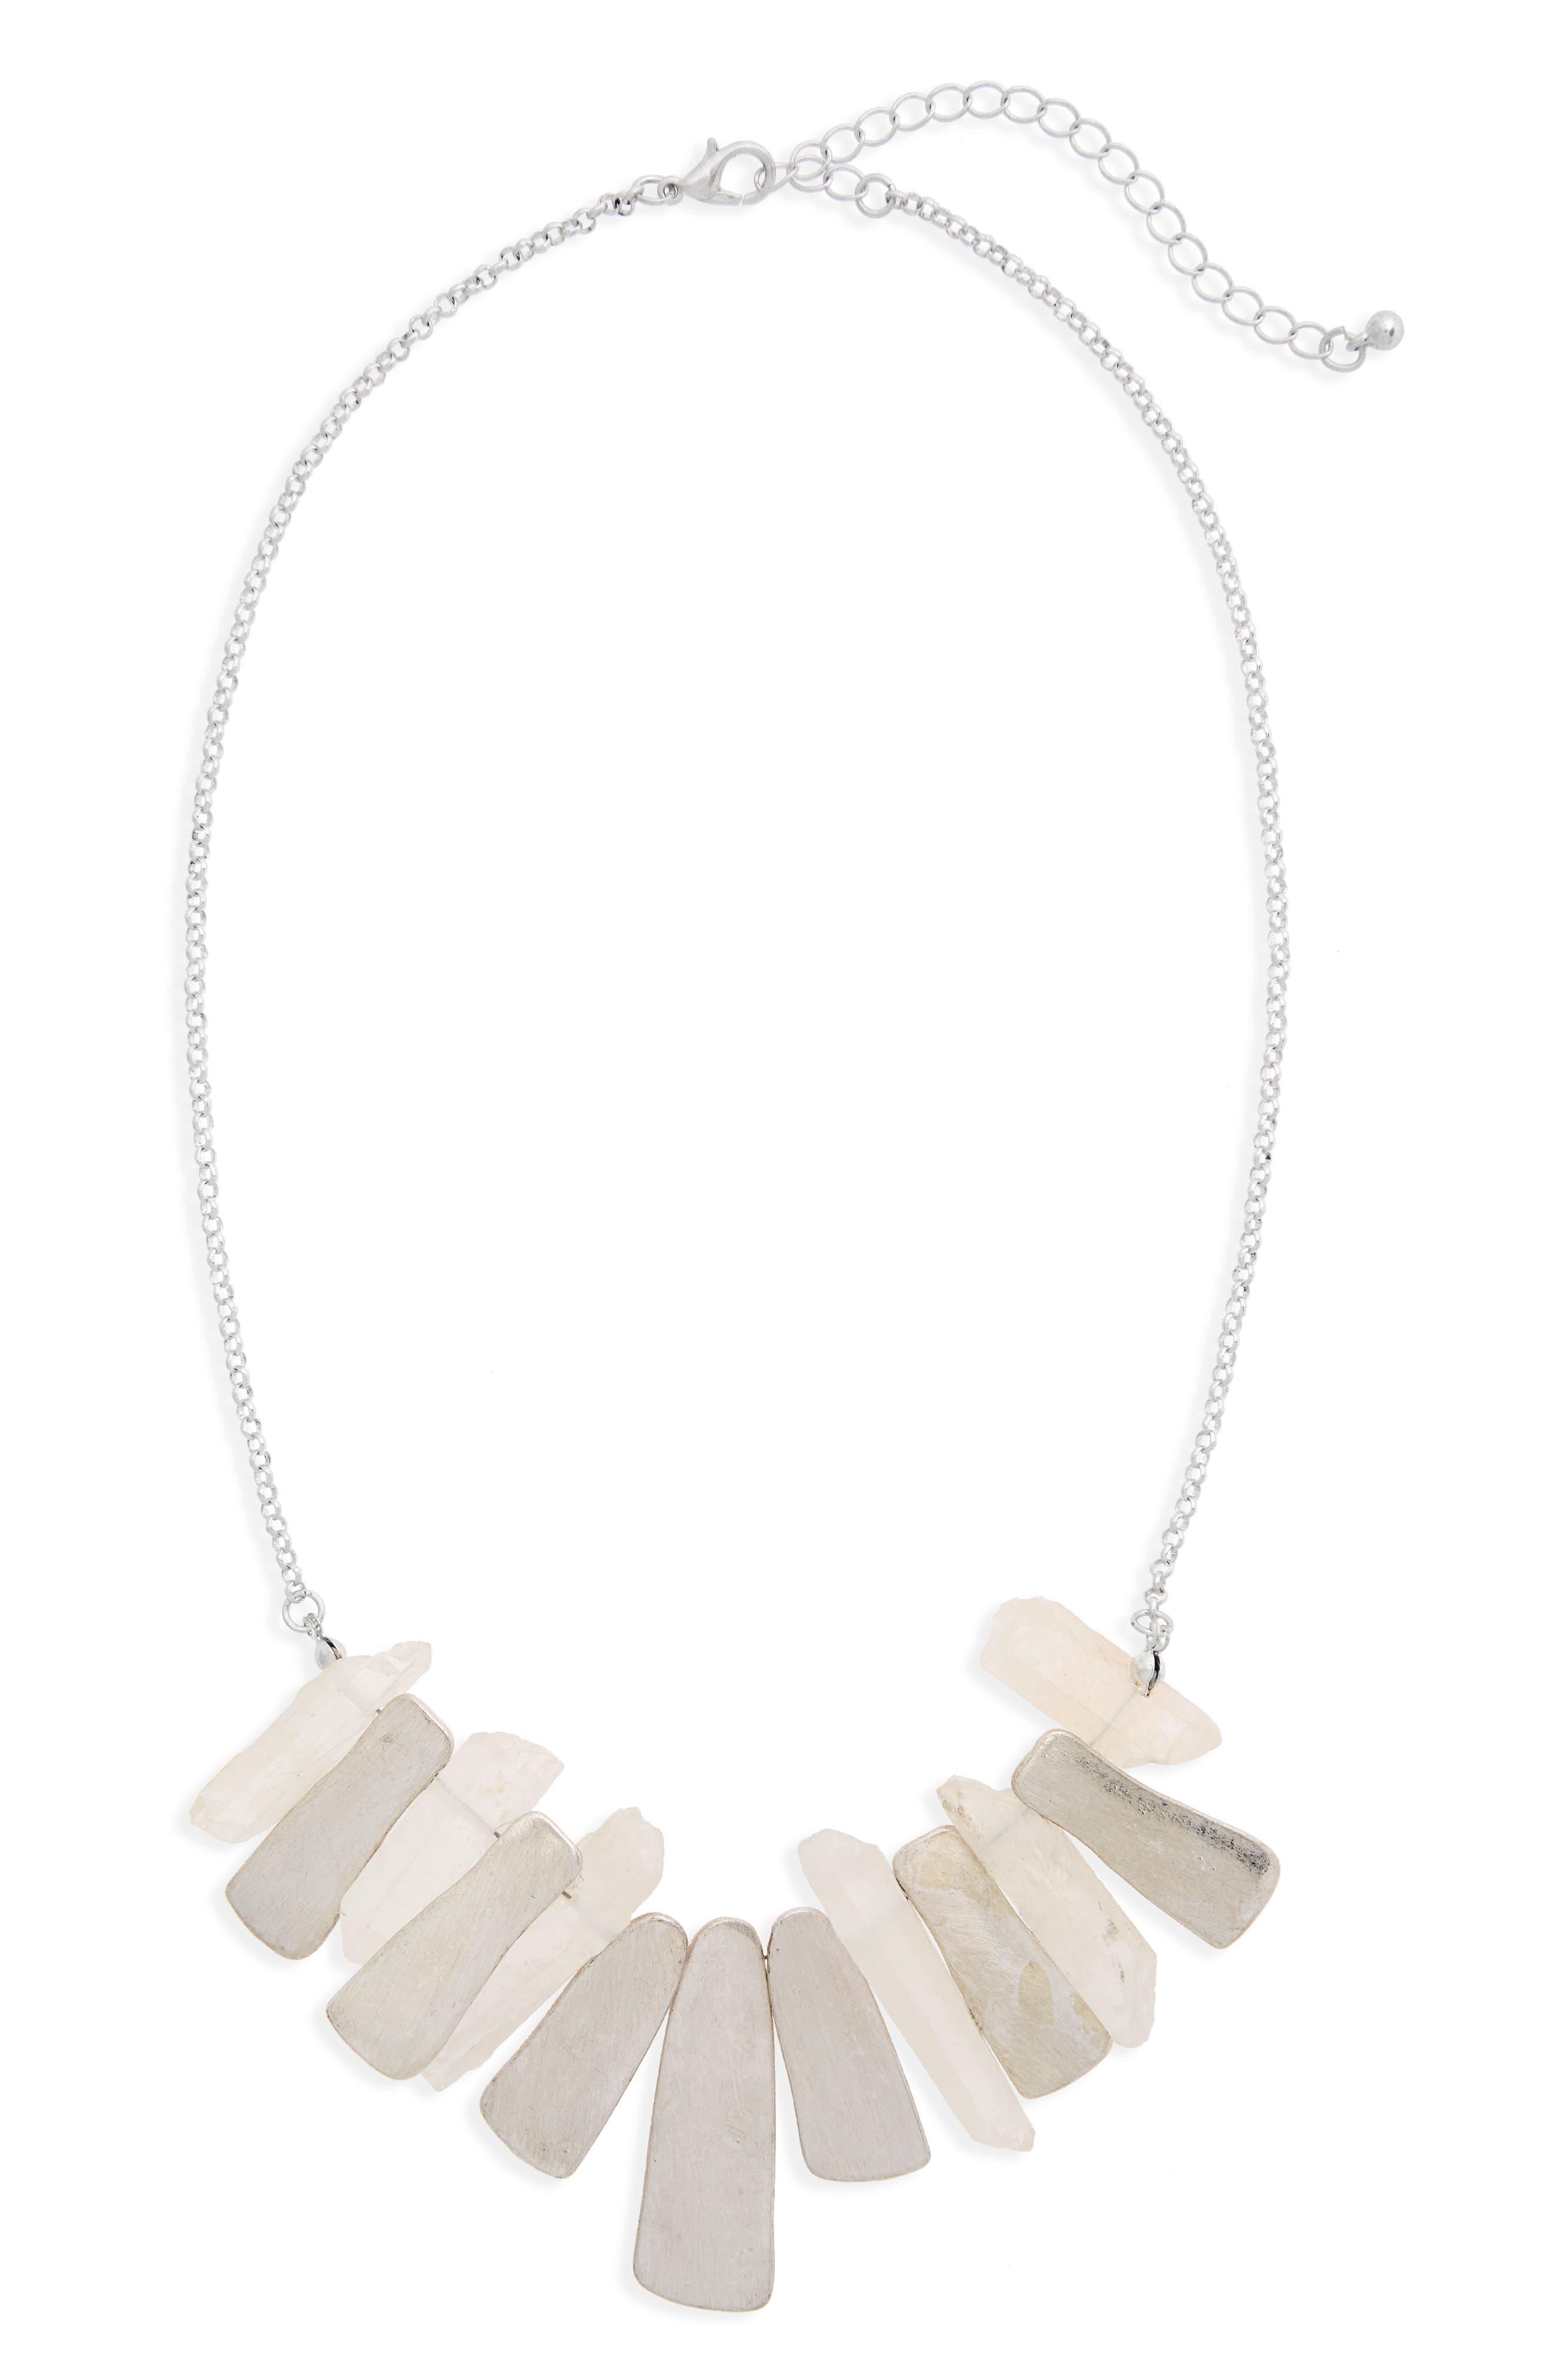 Pyrite Stone Necklace,                         Main,                         color, White/ Silver